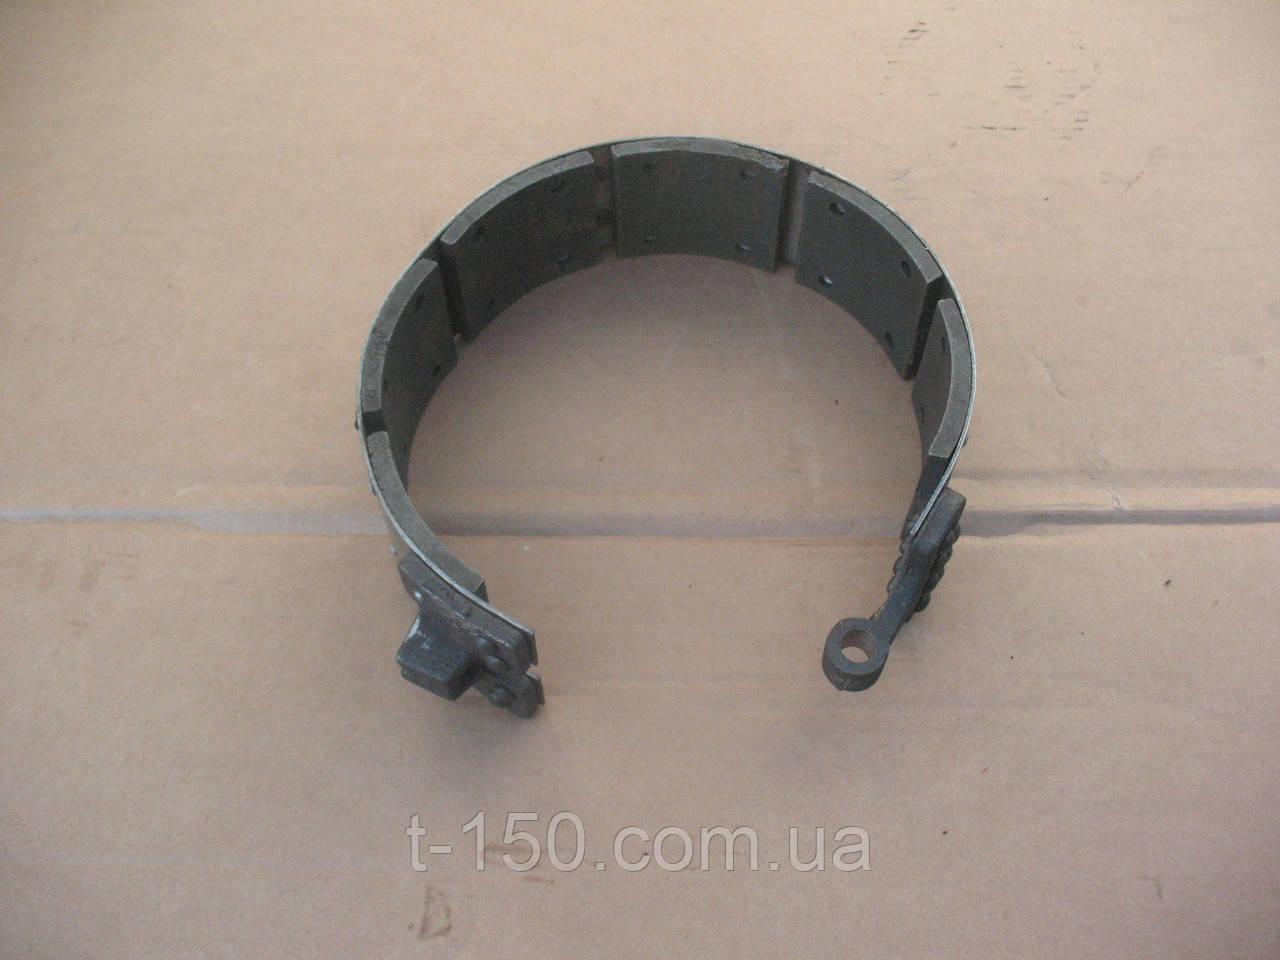 Лента тормозная Т-150К фрикционная (151.46.011-1)